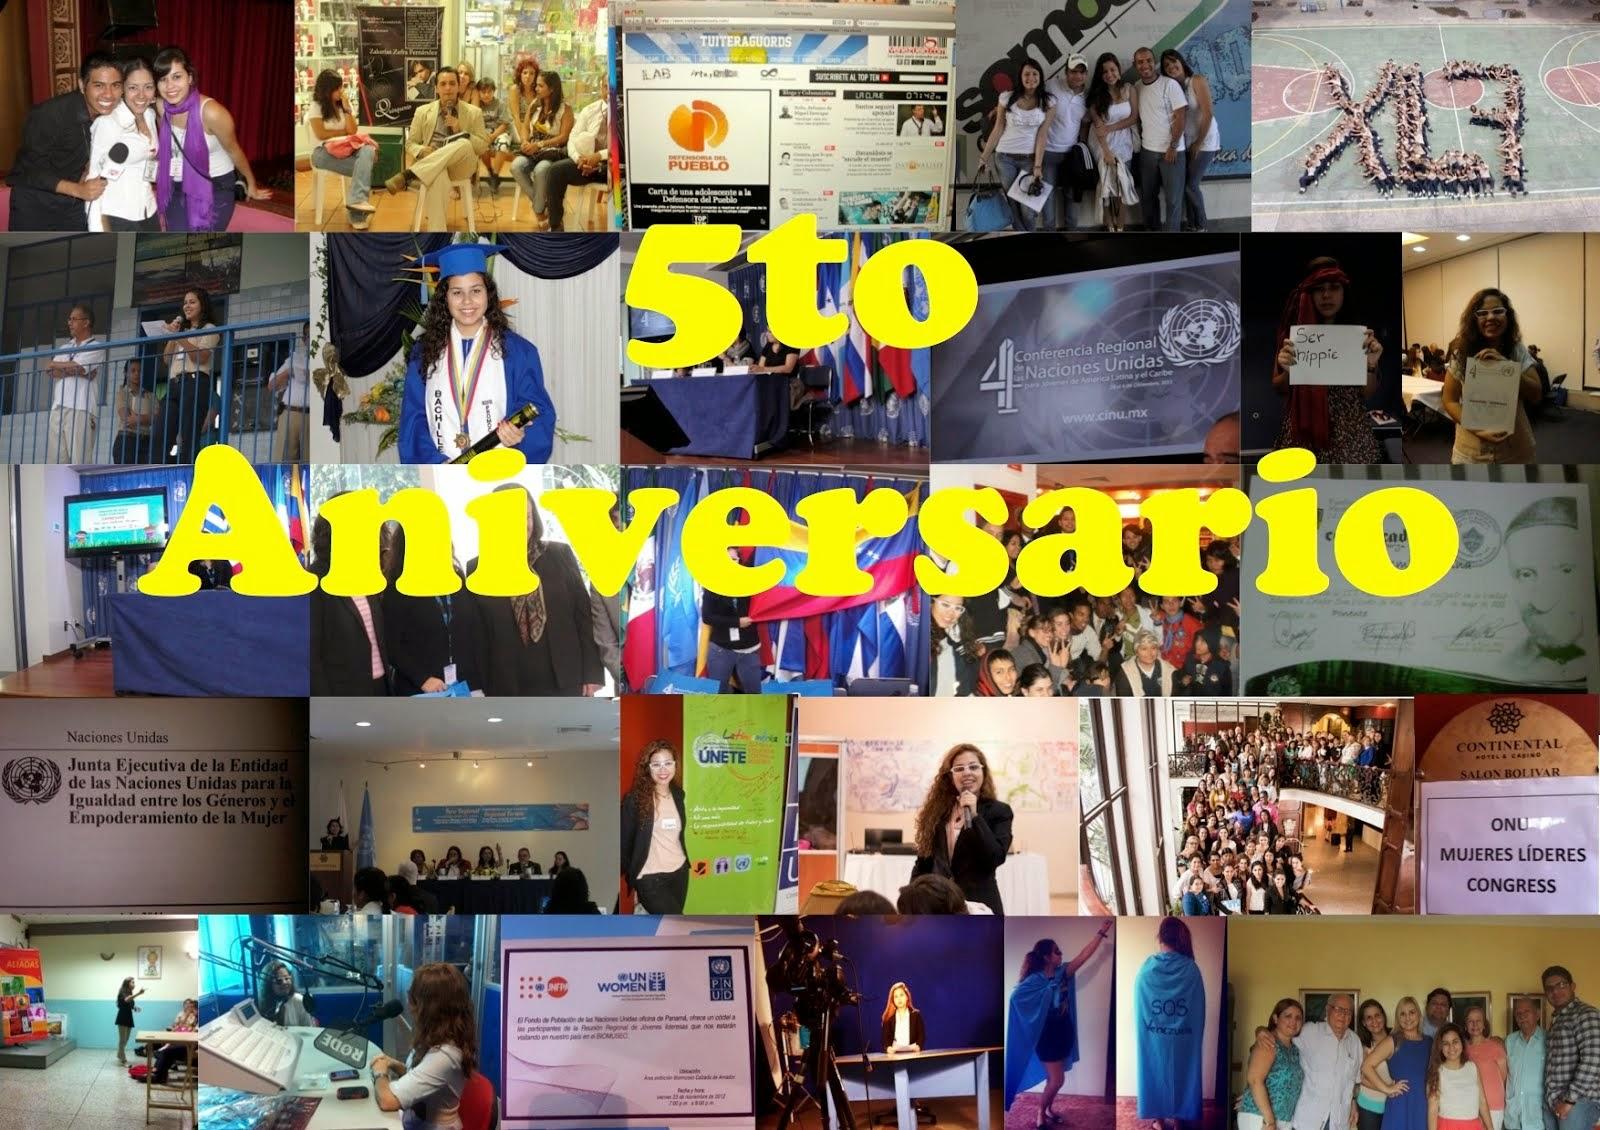 5to aniversario